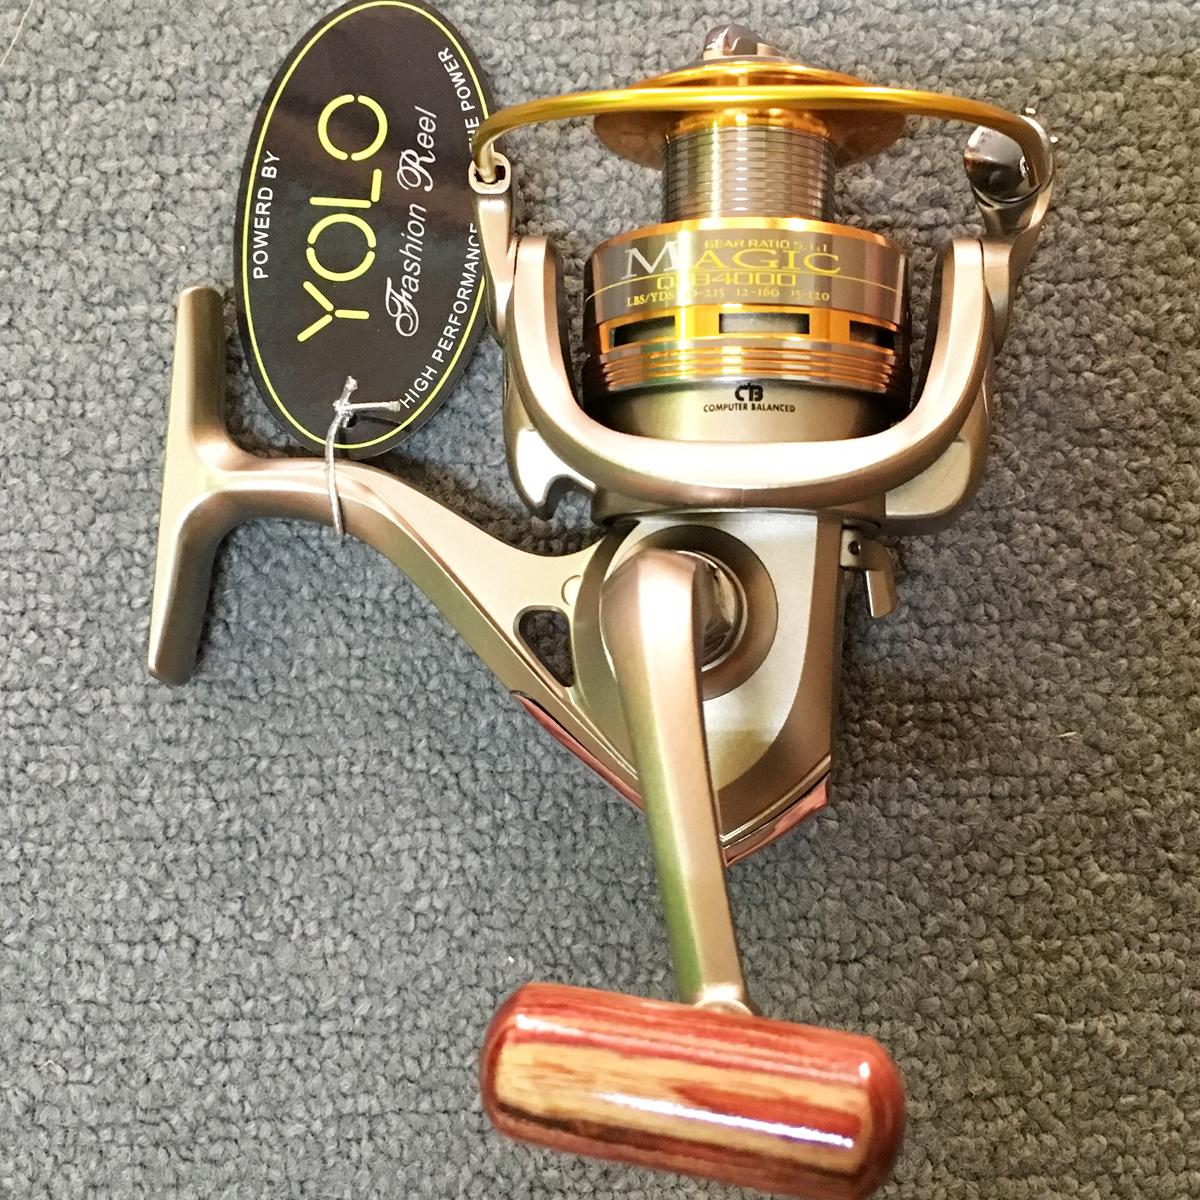 Máy Câu Yolo Magic QFB 4000 - Bảo Hành 3 Tháng Chính Hãng